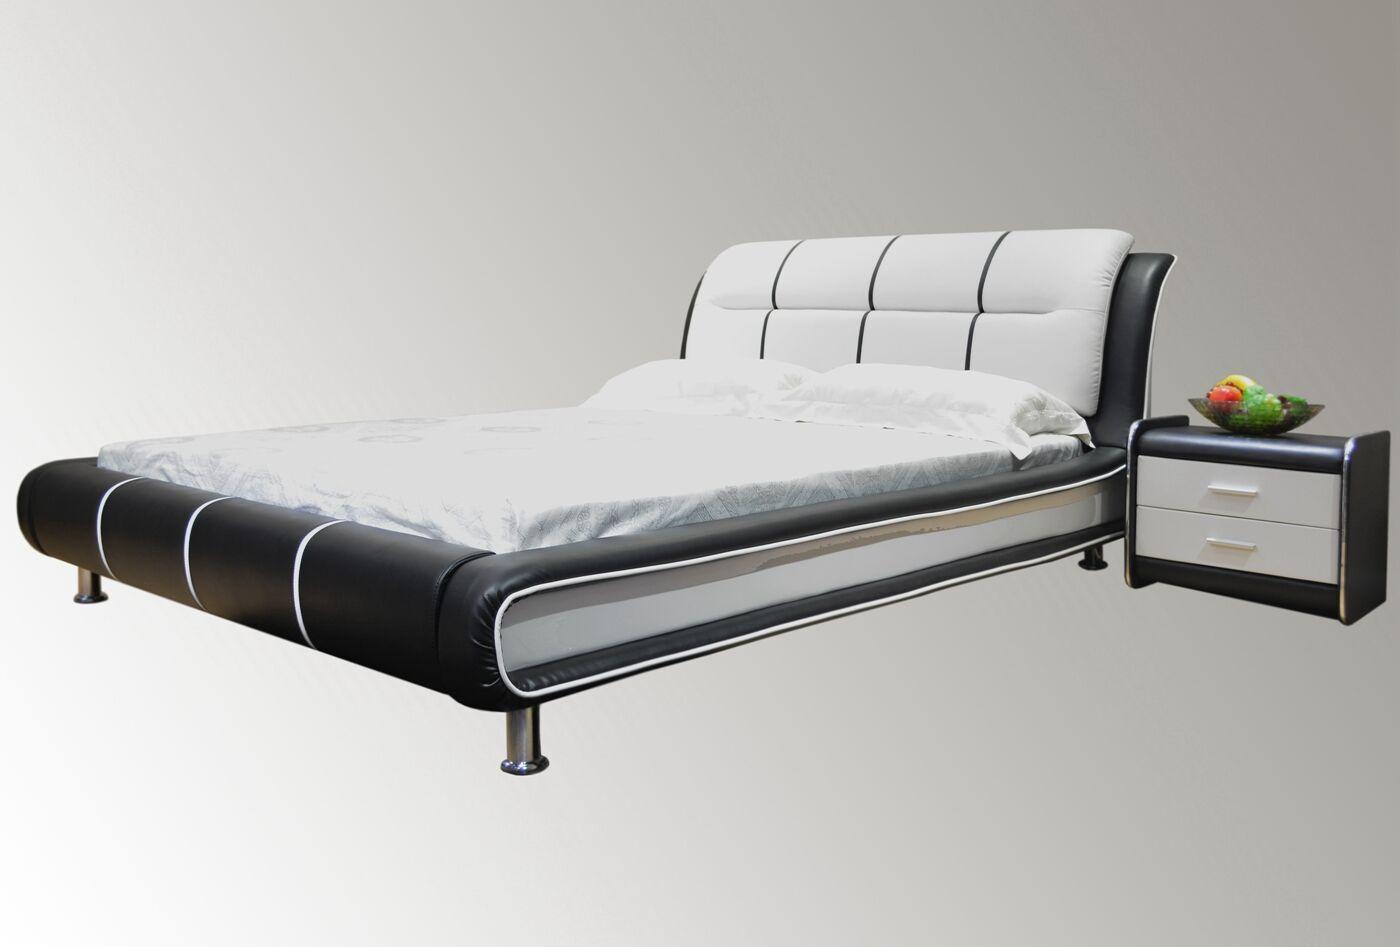 Bovina Upholstered Platform Bed Size: Queen, Color: Black / White